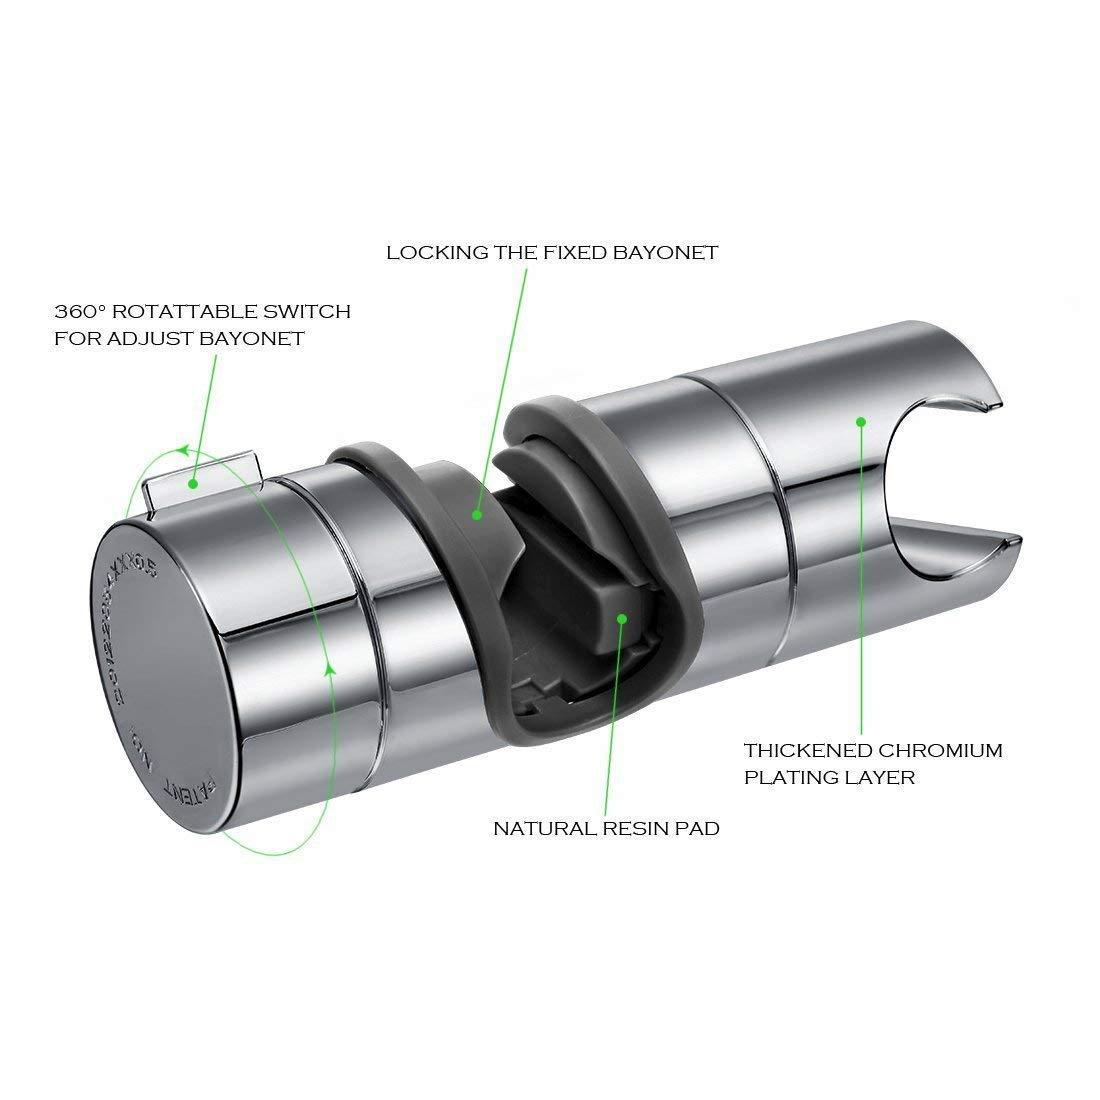 Vankii Support de barre de douche r/églable en ABS pour barre de douche Chrom/é 18-25 mm